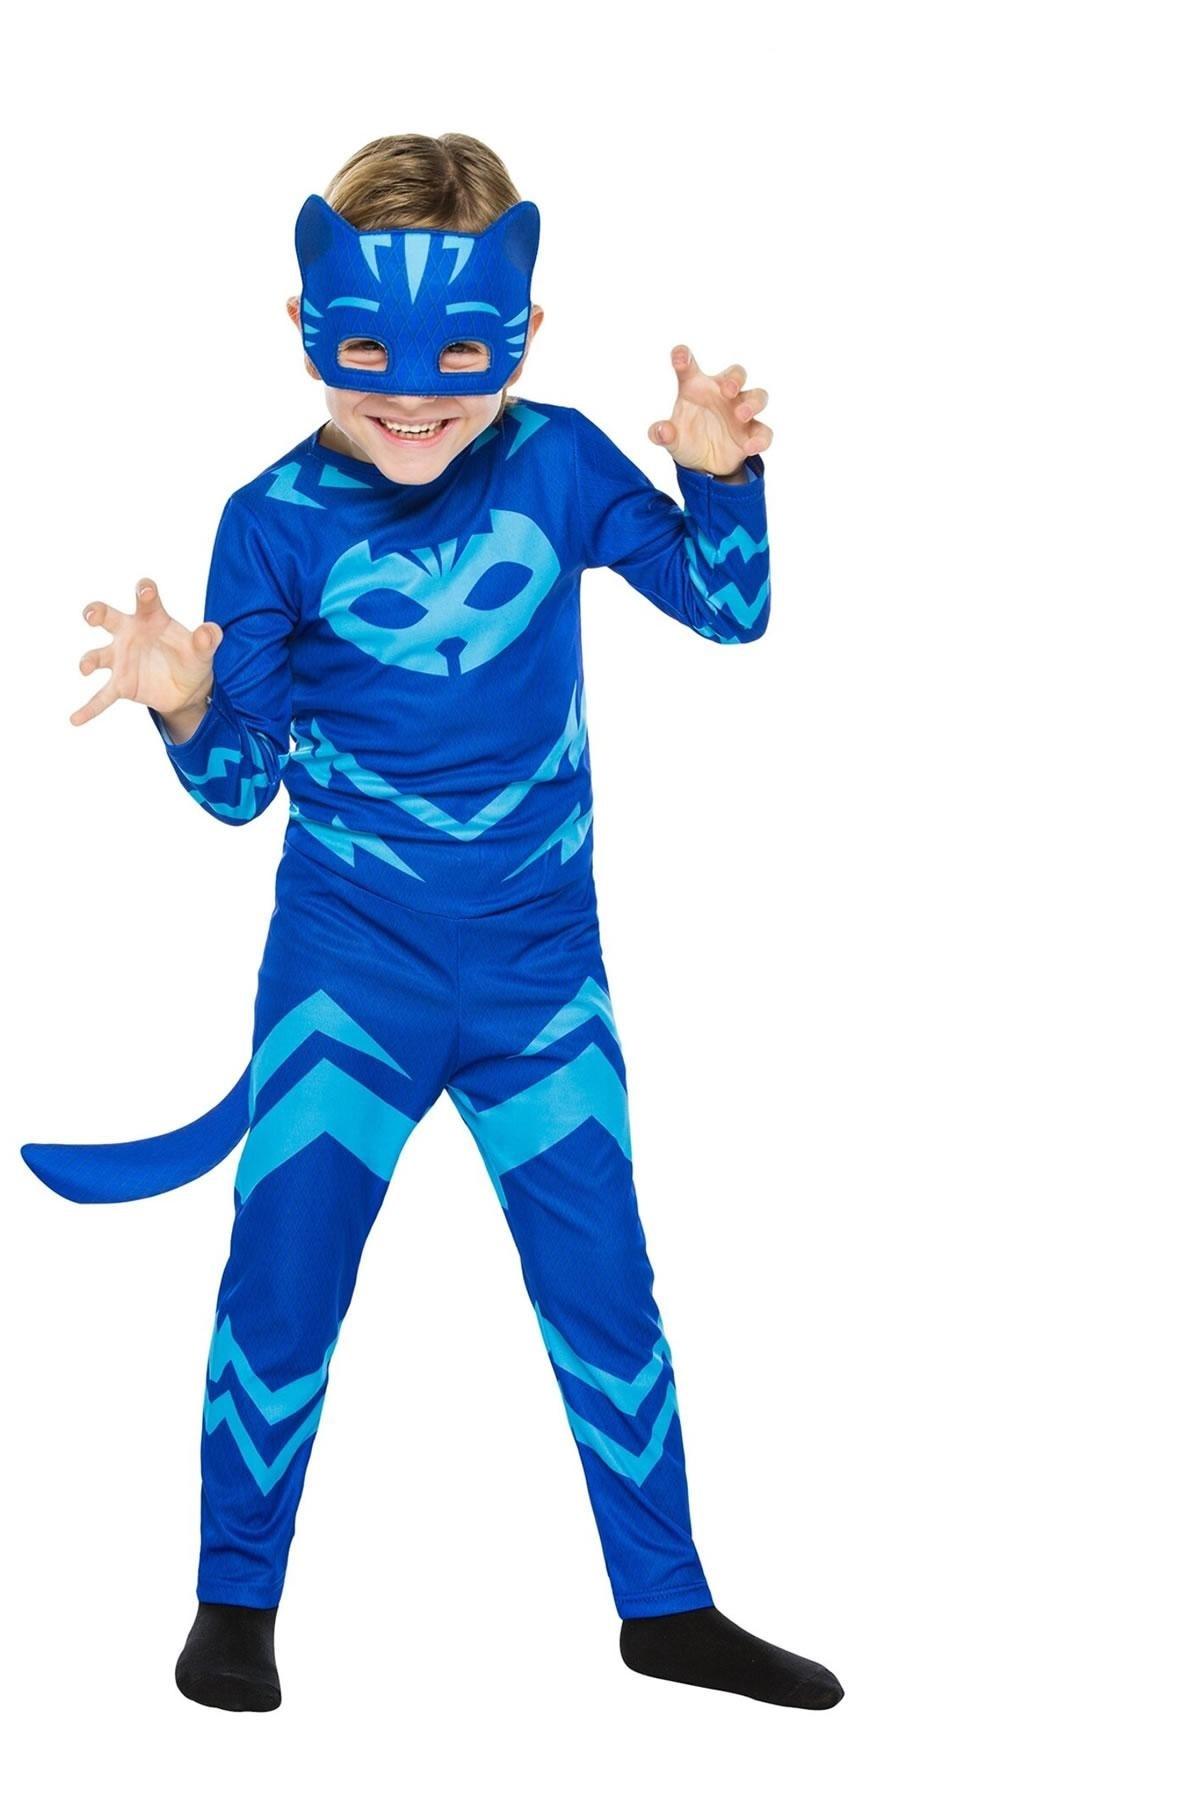 PJ Masks-vestuario de ropa de Cosplay para niños, juguetes para Navidad, Halloween, Pj, máscaras, Gekko, Owlette, regalos para fiesta de cumpleaños